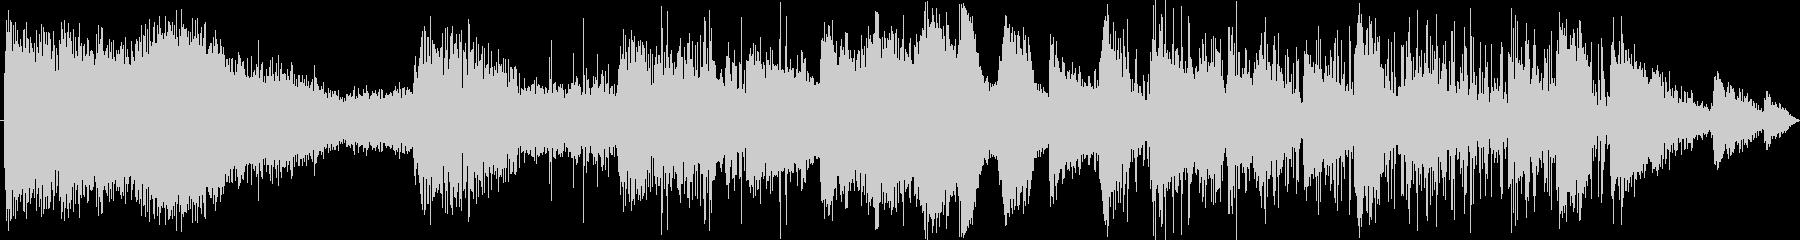 ラジオ制作シーン:オールドウェスト...の未再生の波形